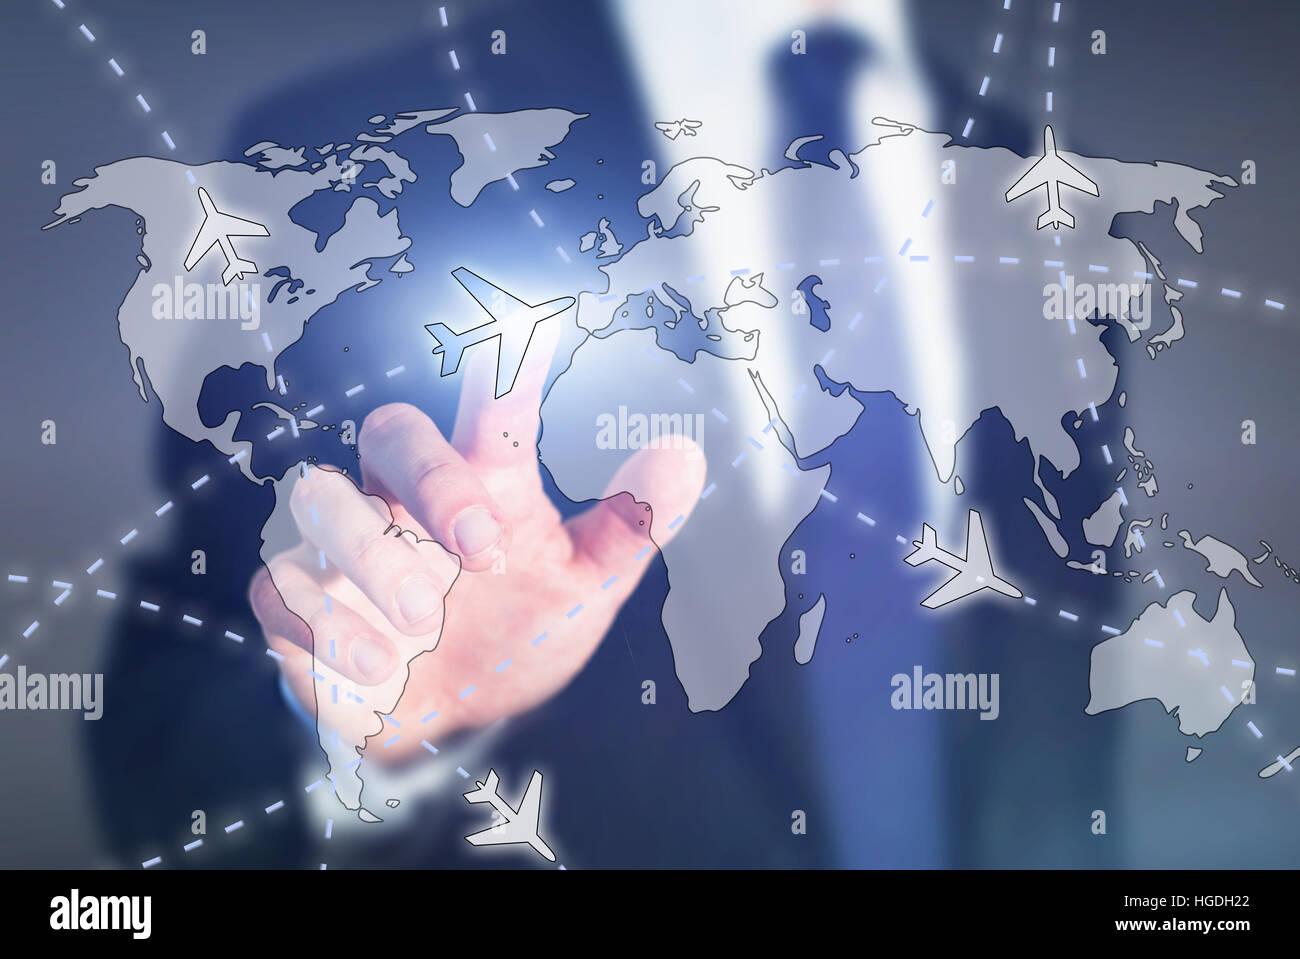 Billets d'avion bon marché, choisissez la destination de voyage online concept, avion sur la carte du monde Photo Stock